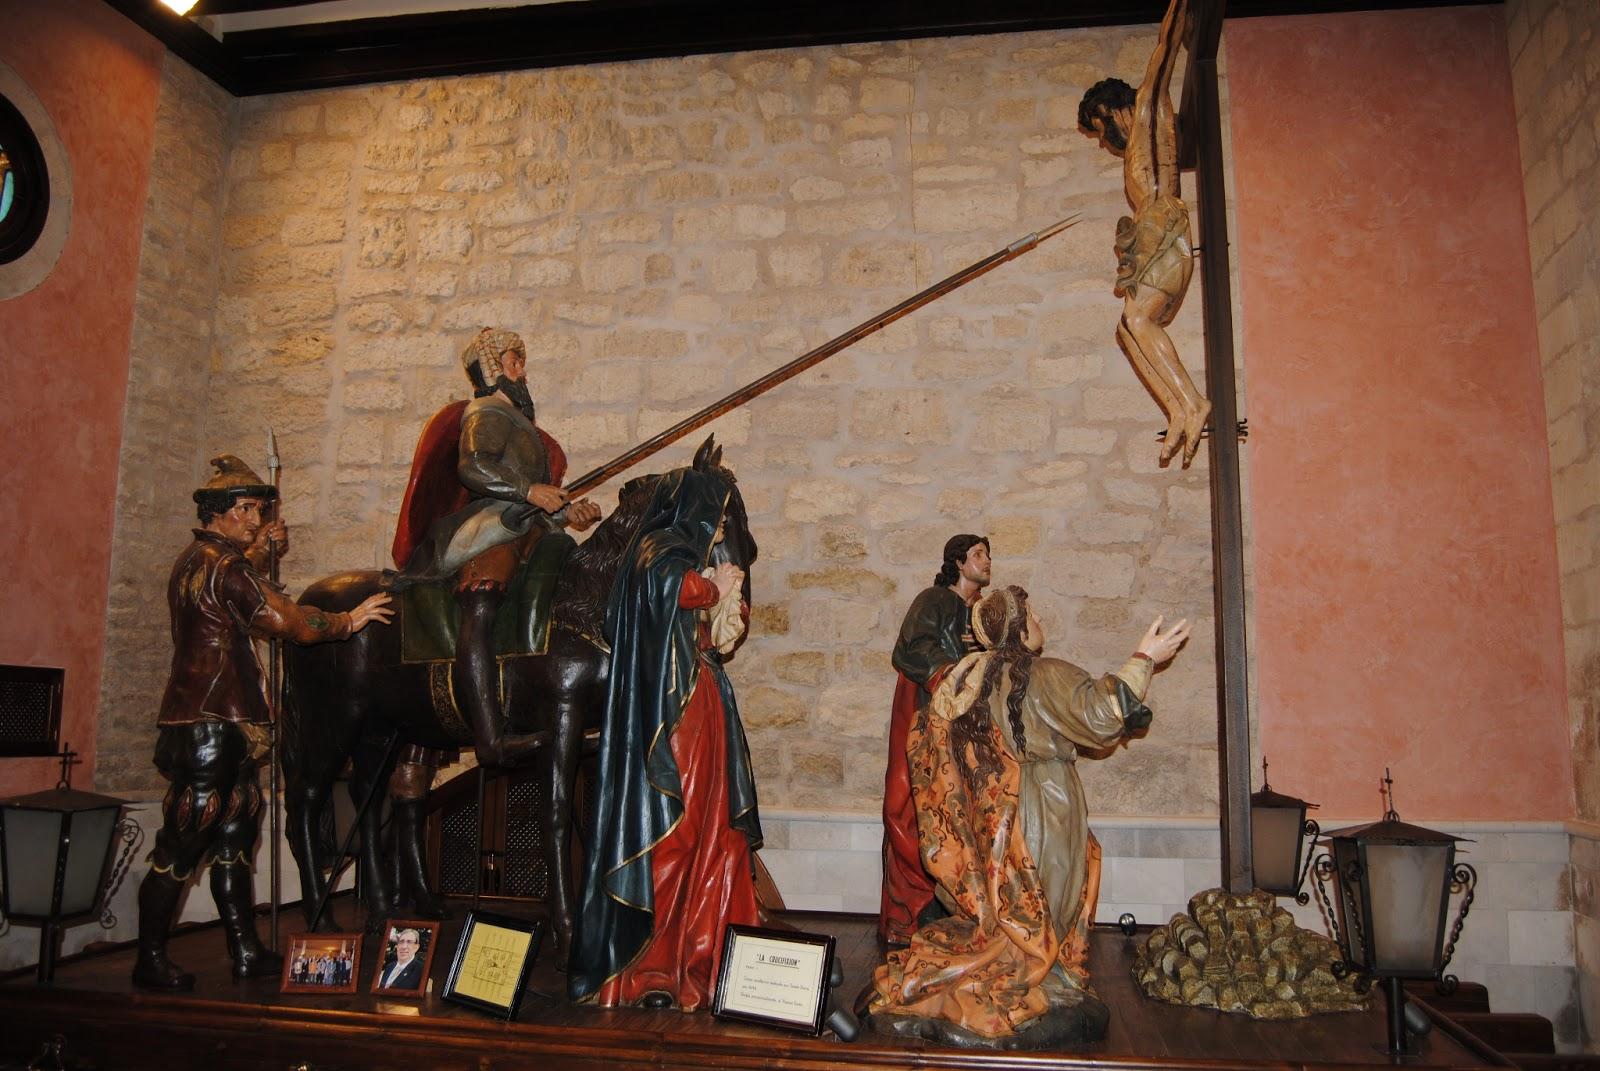 La Historia de Longinos, el que Atravesó a Jesús con su Lanza en la Cruz